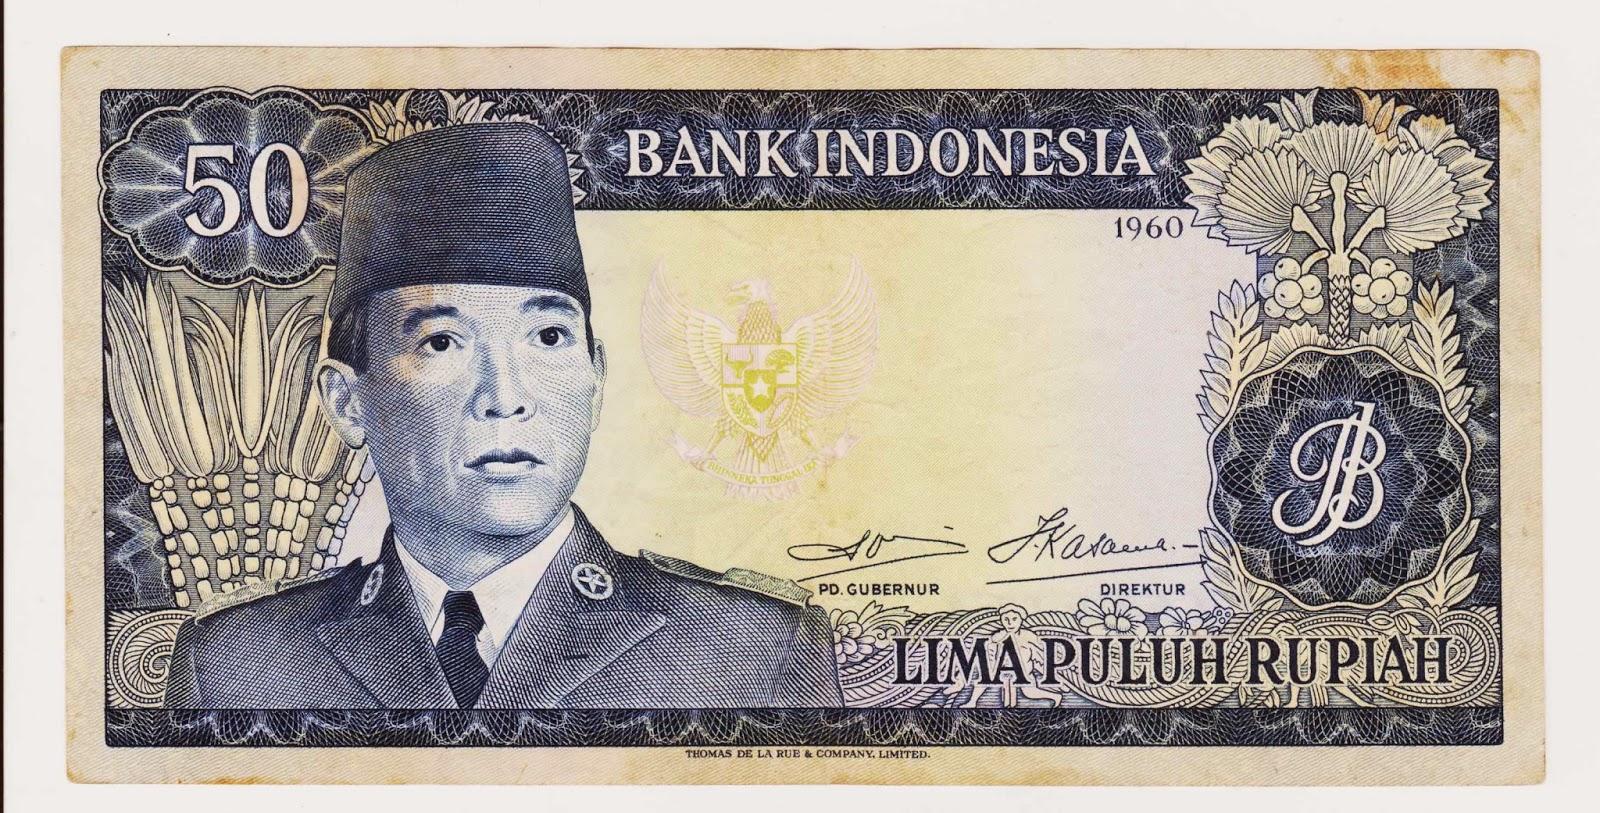 uang kuno Seri Soekarno tahun  1960 Pecahan 50 rupiah